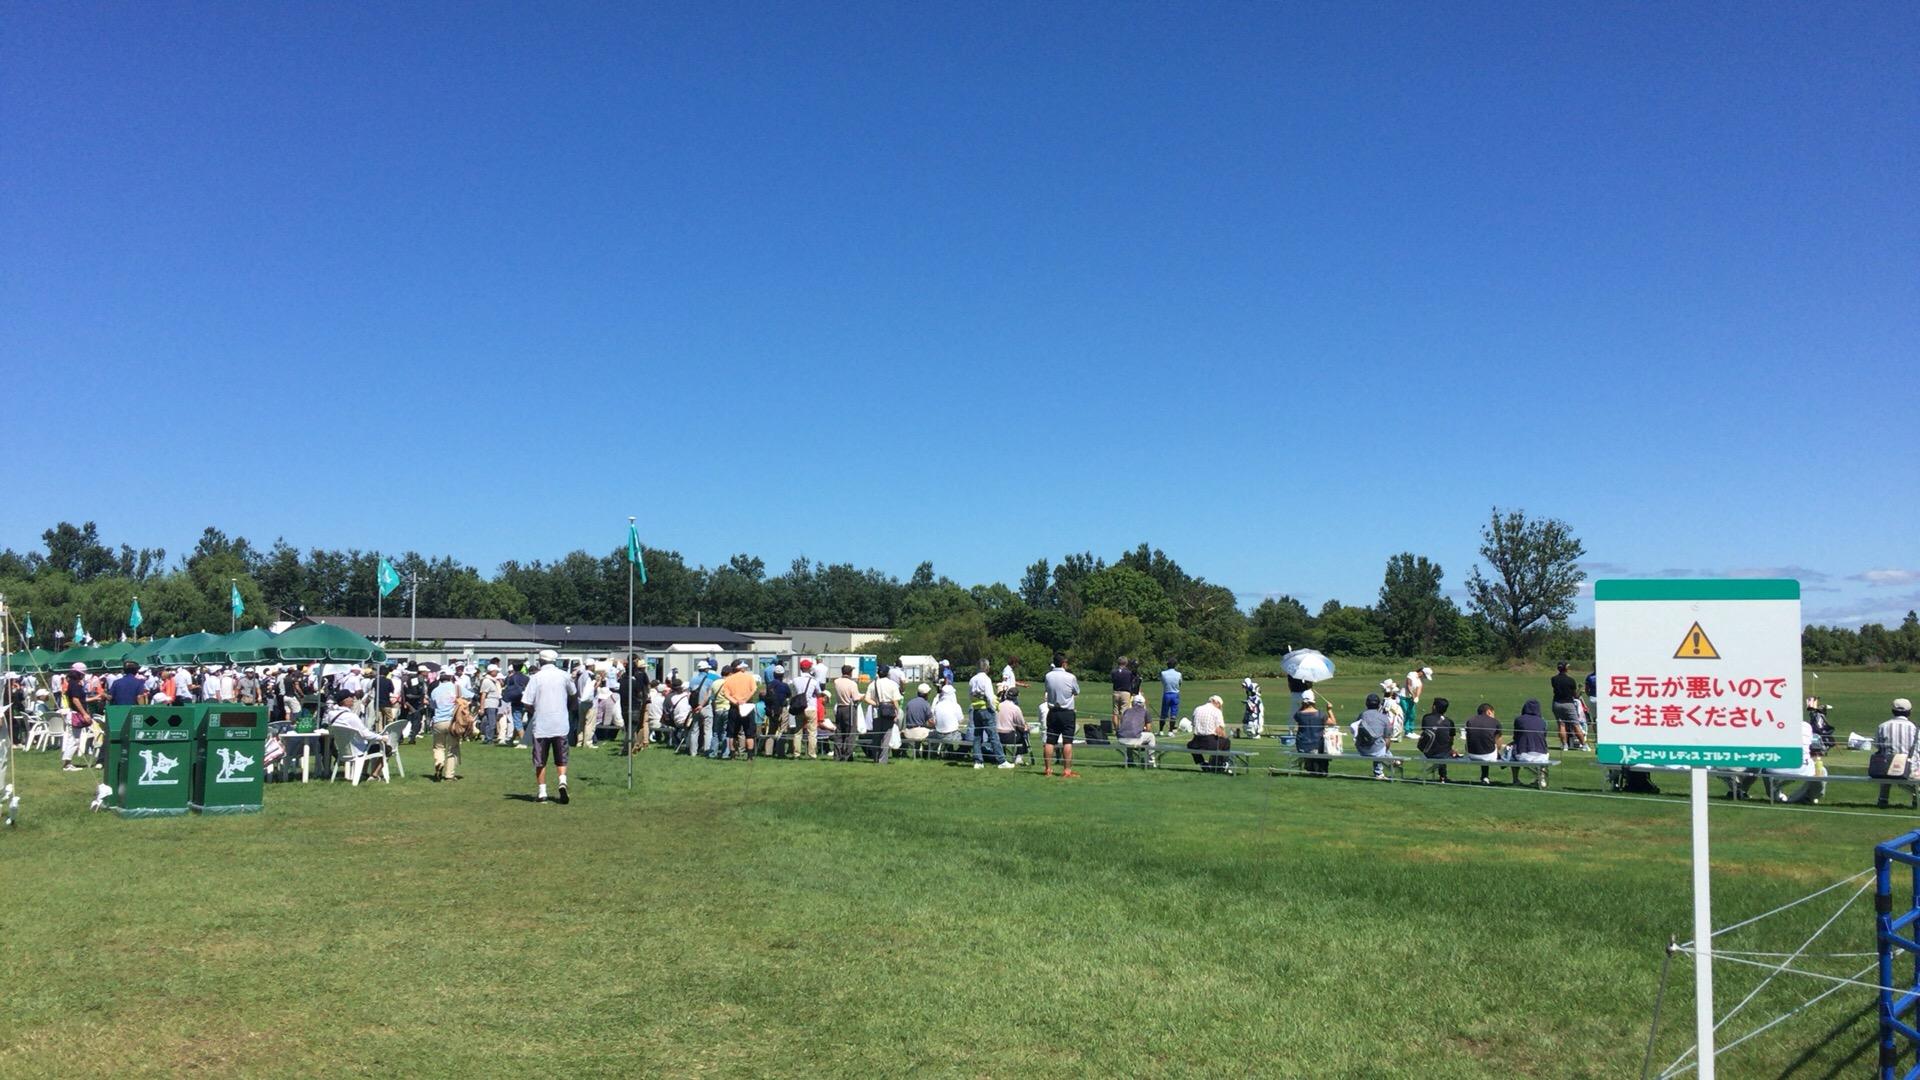 ニトリレディスゴルフトーナメント 2016